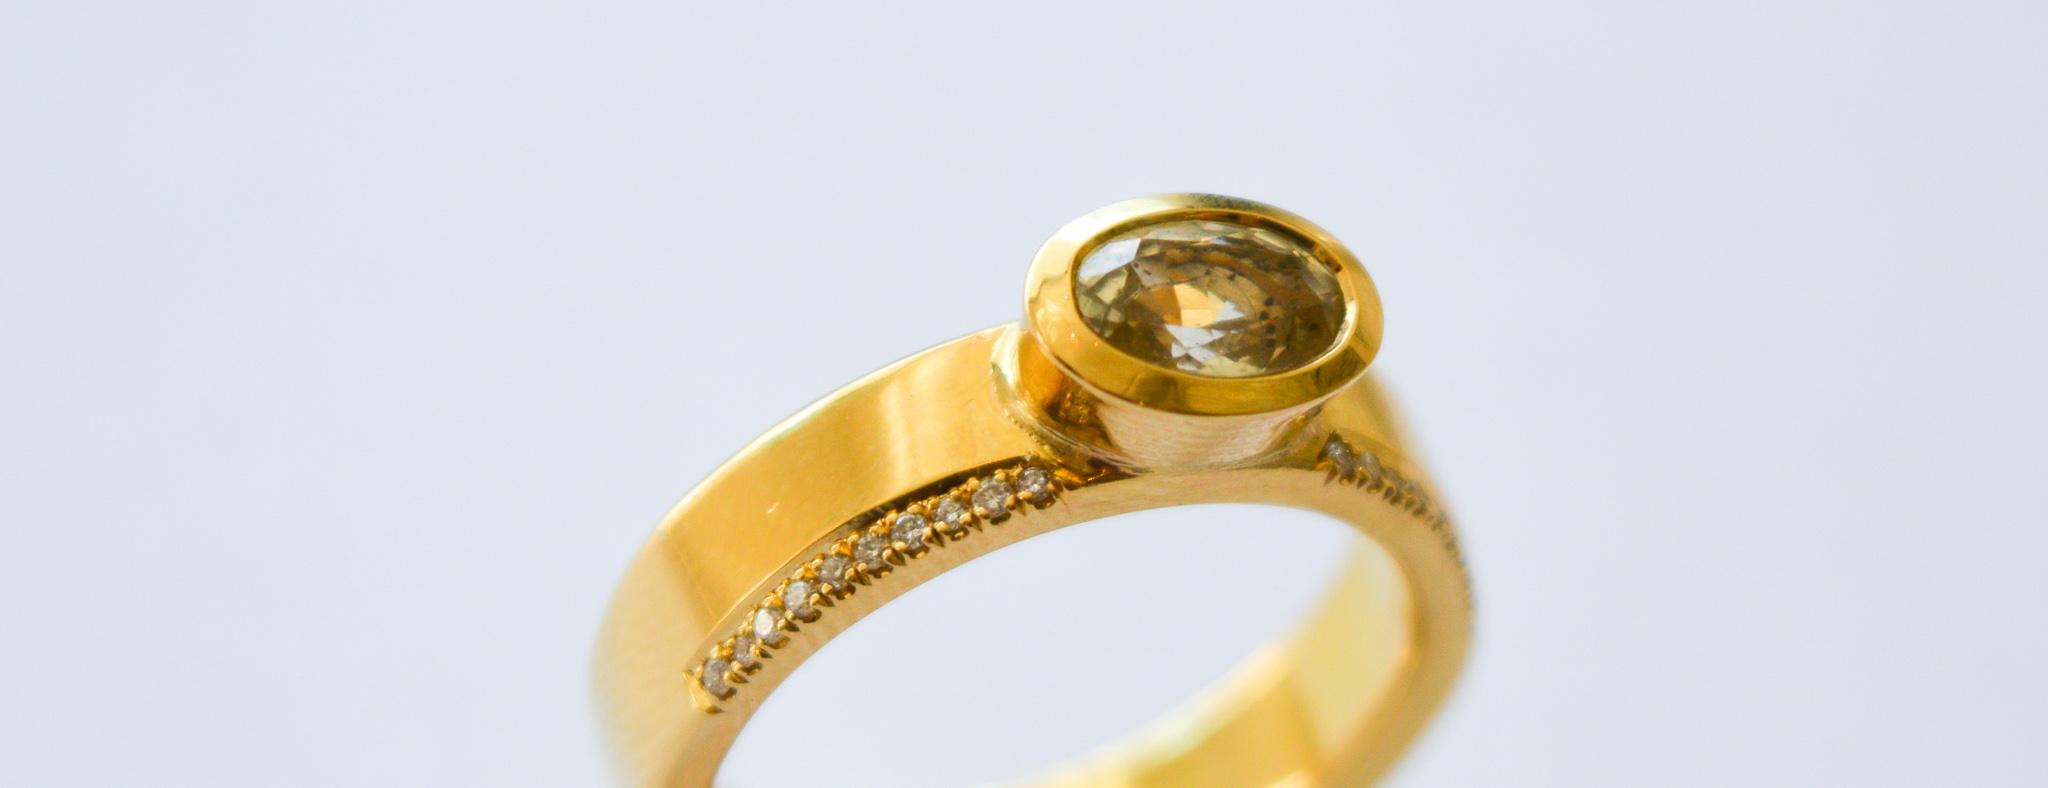 Libby Rak 18ct yellow gold, diamond and yellow sapphire ring